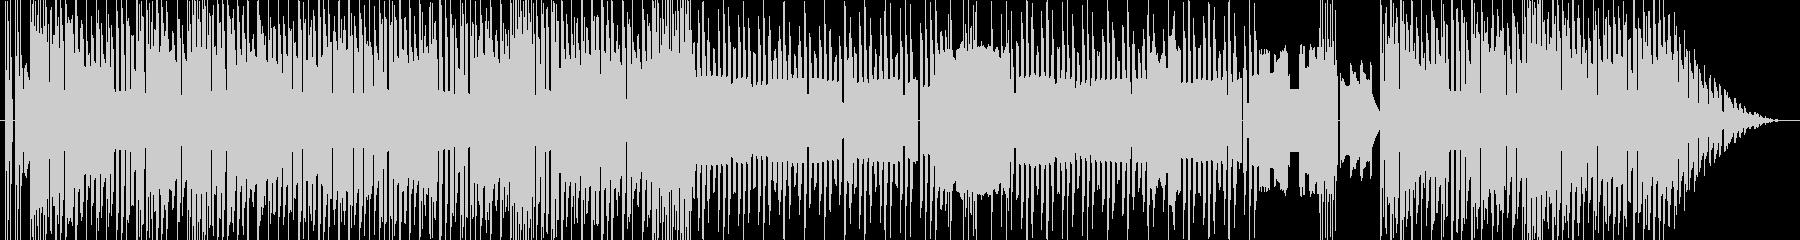 ファミコン風 オープニングBGMの未再生の波形